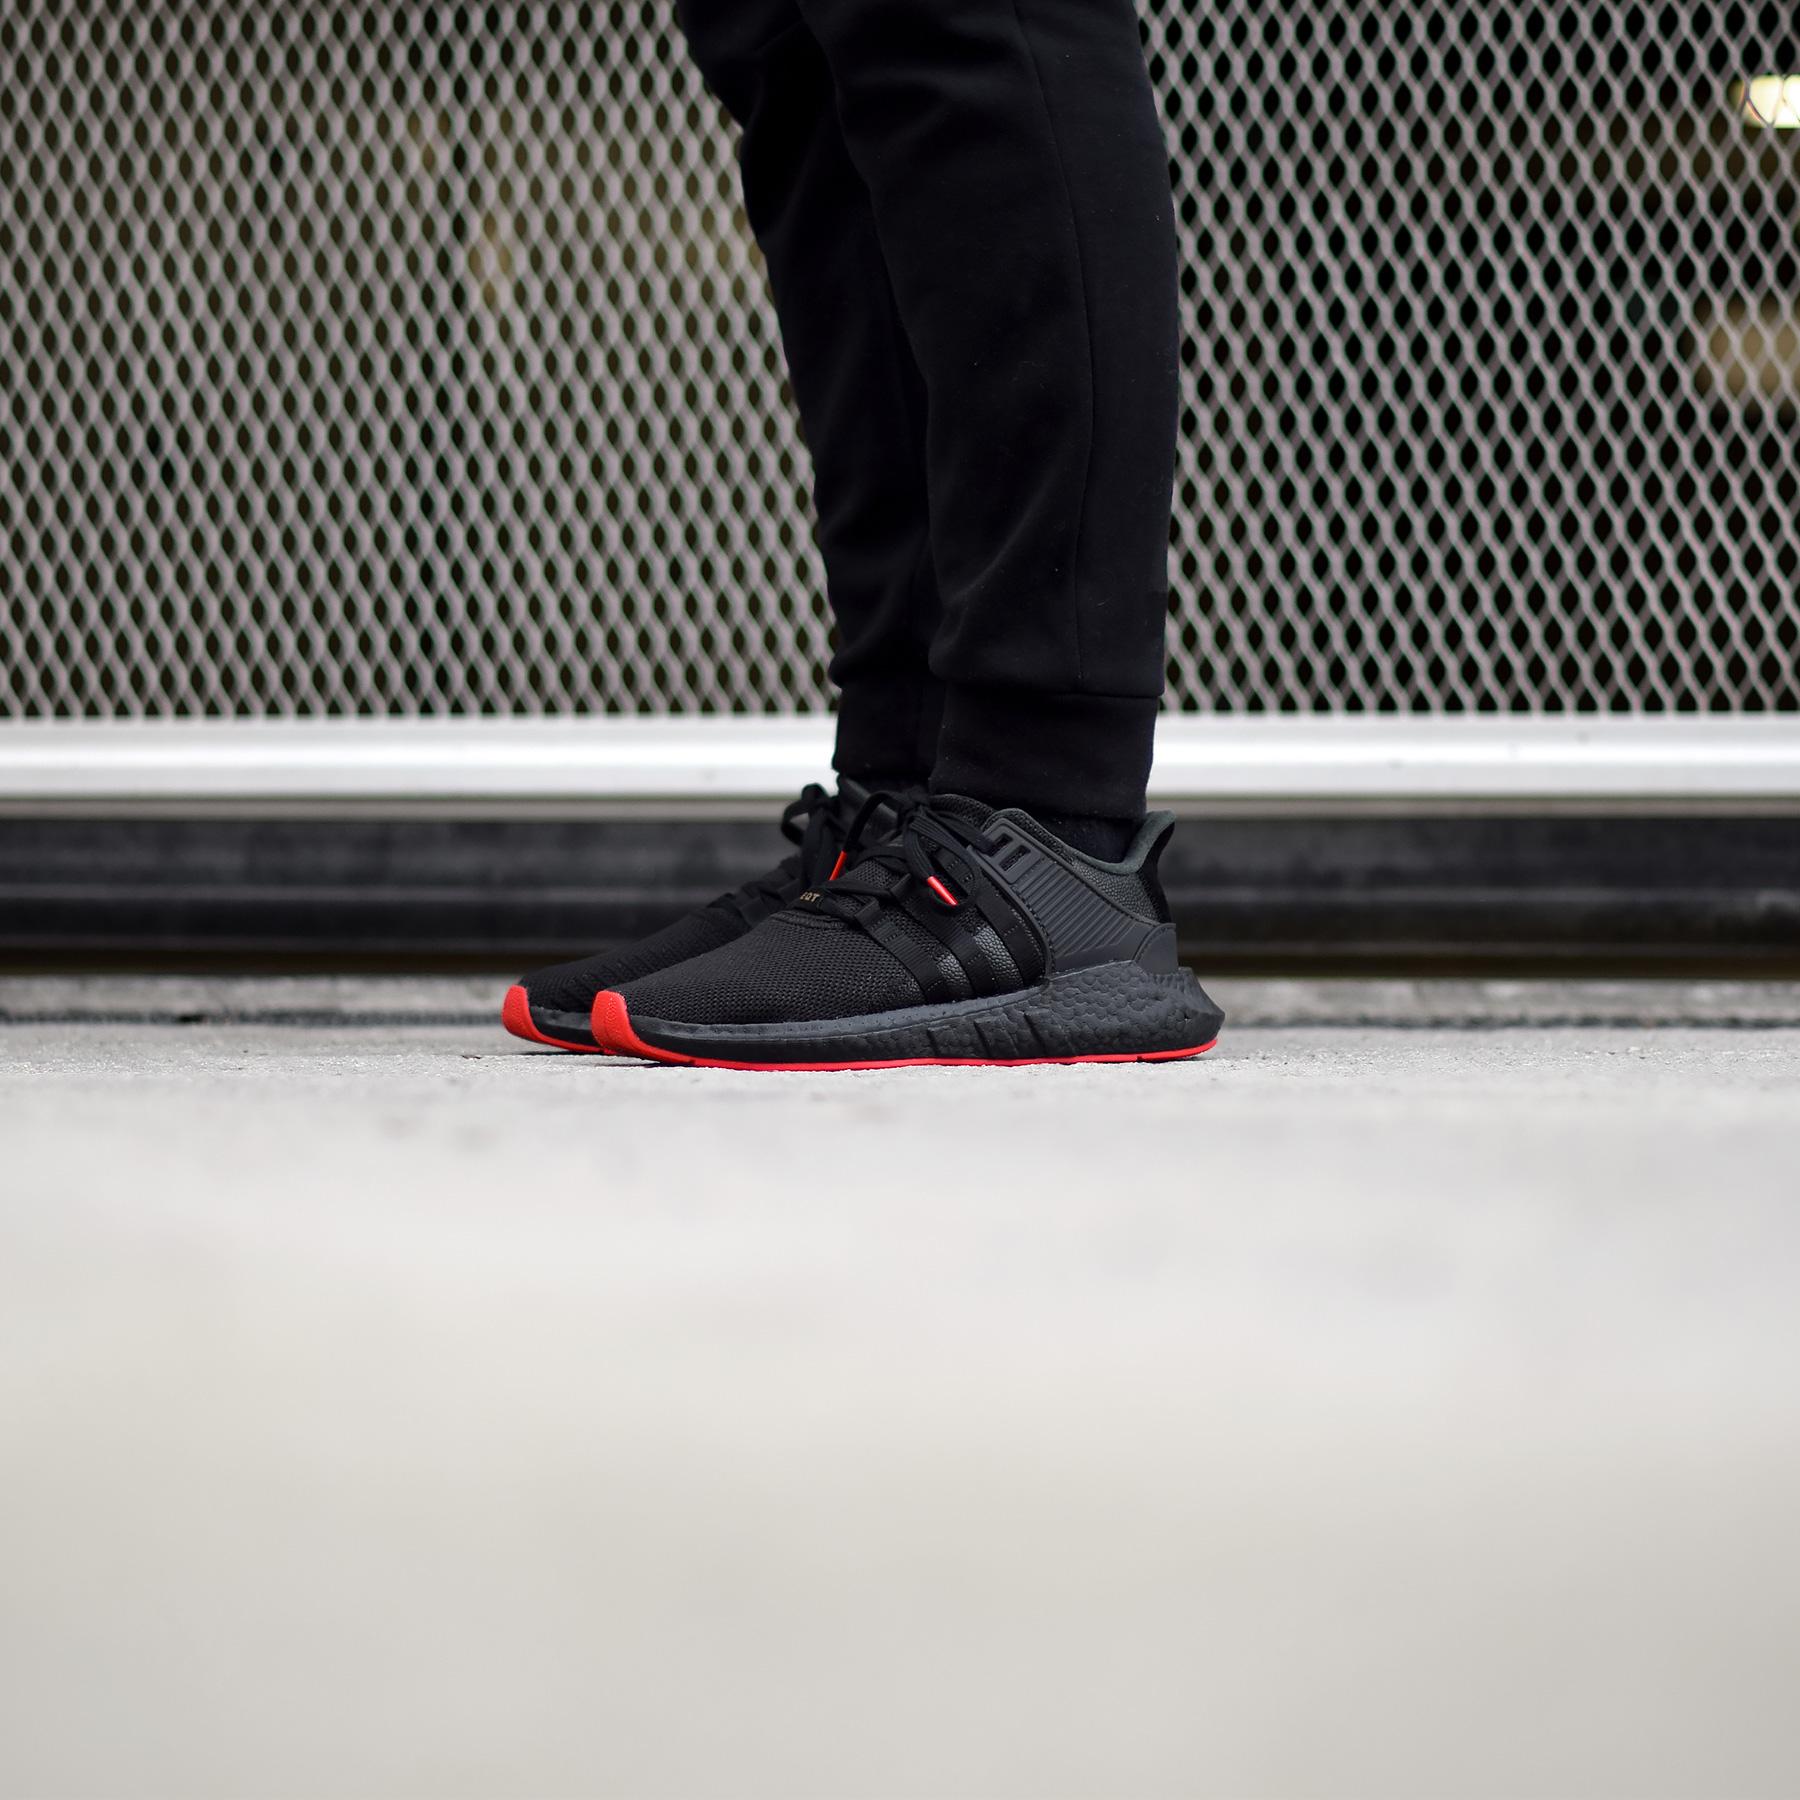 detailed look a5032 ffaf8 Deux nouvelles paires dadidas EQT Support 9317 avec une semelle inspirée  des tapis rouges.